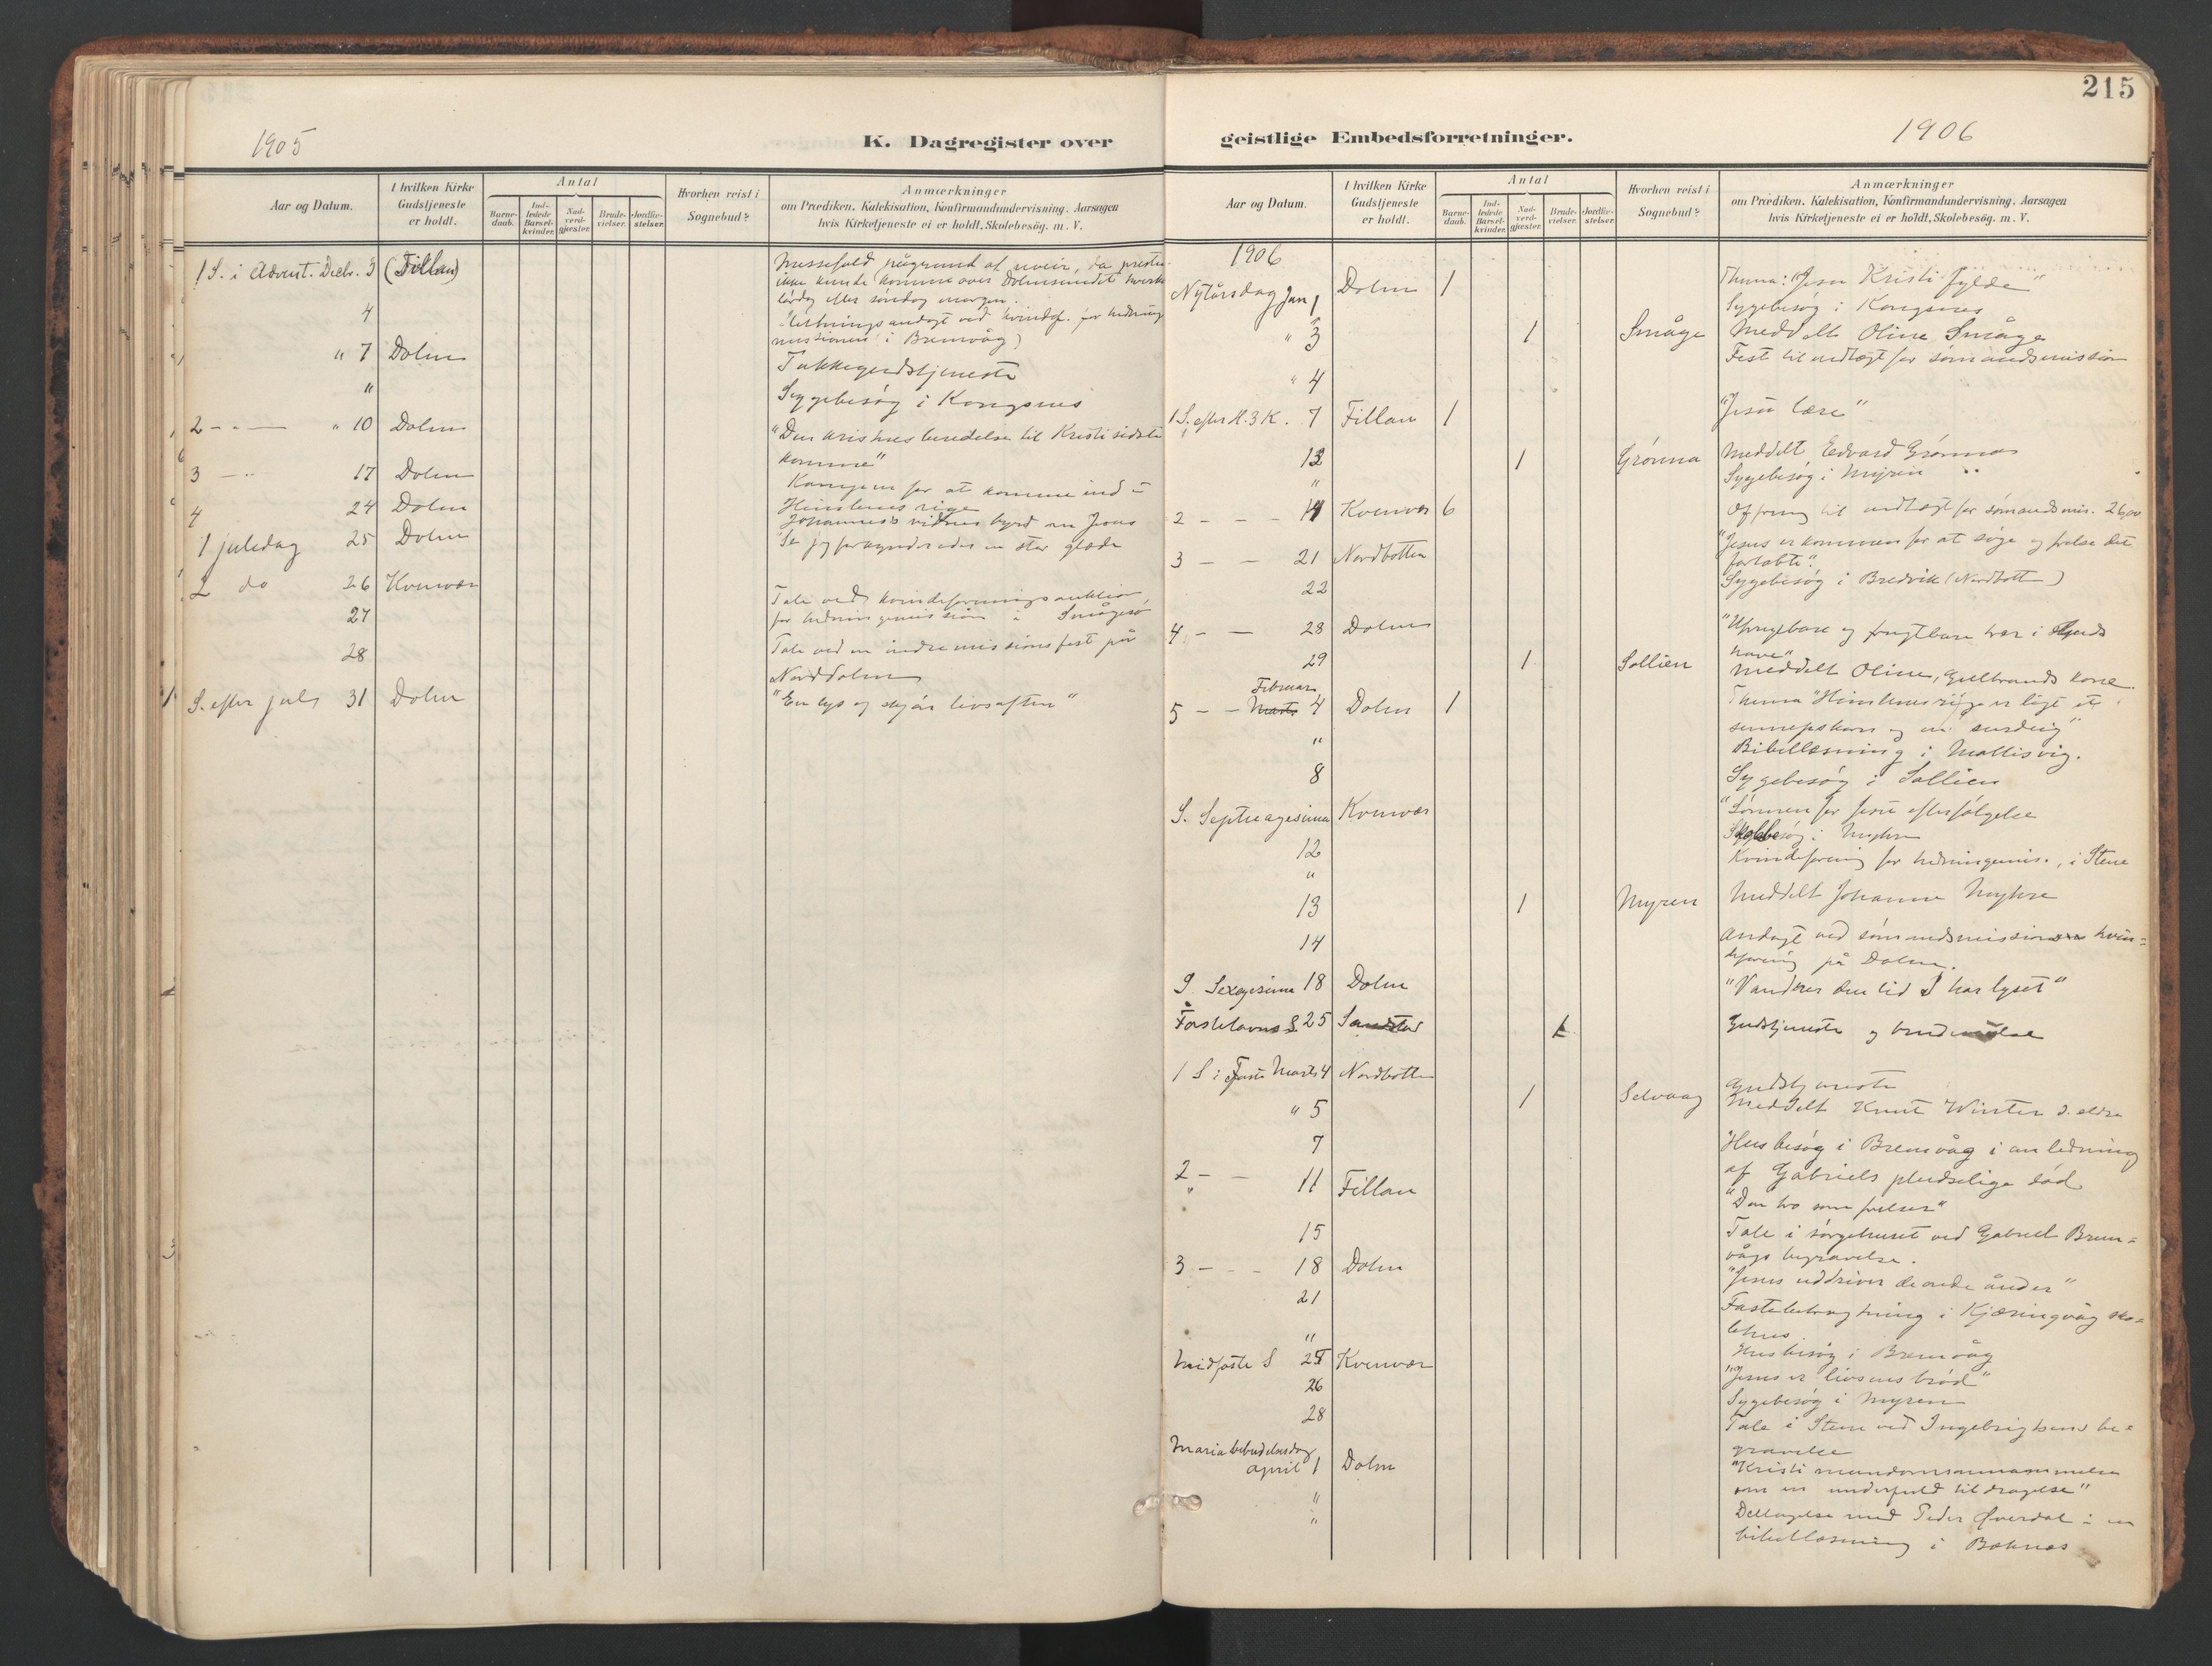 SAT, Ministerialprotokoller, klokkerbøker og fødselsregistre - Sør-Trøndelag, 634/L0537: Ministerialbok nr. 634A13, 1896-1922, s. 215